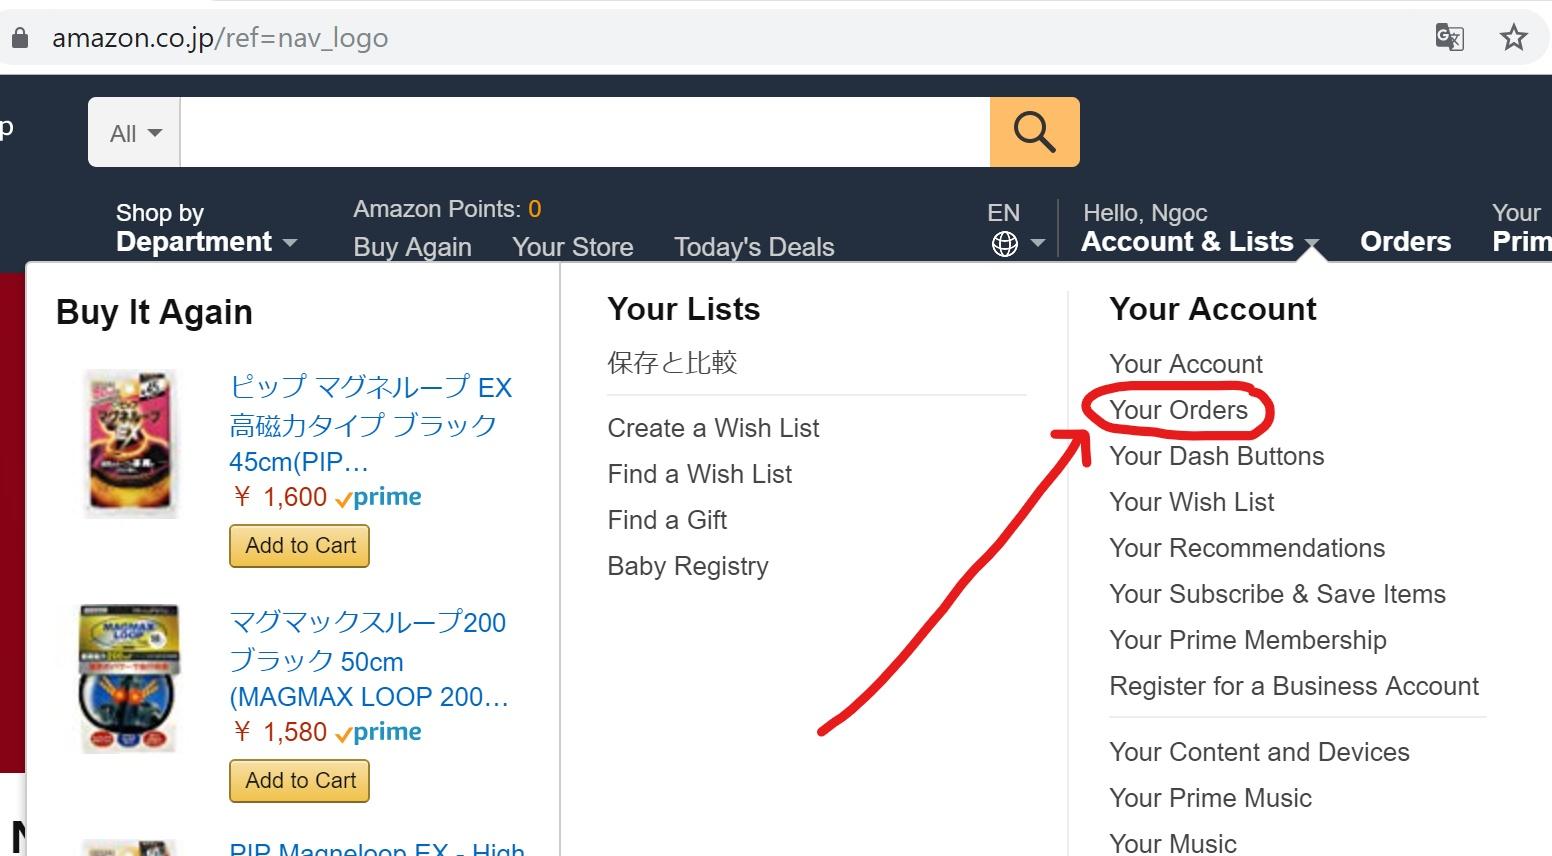 Cách trả lại hàng cho Amazon Nhật Bản từ diiho.com